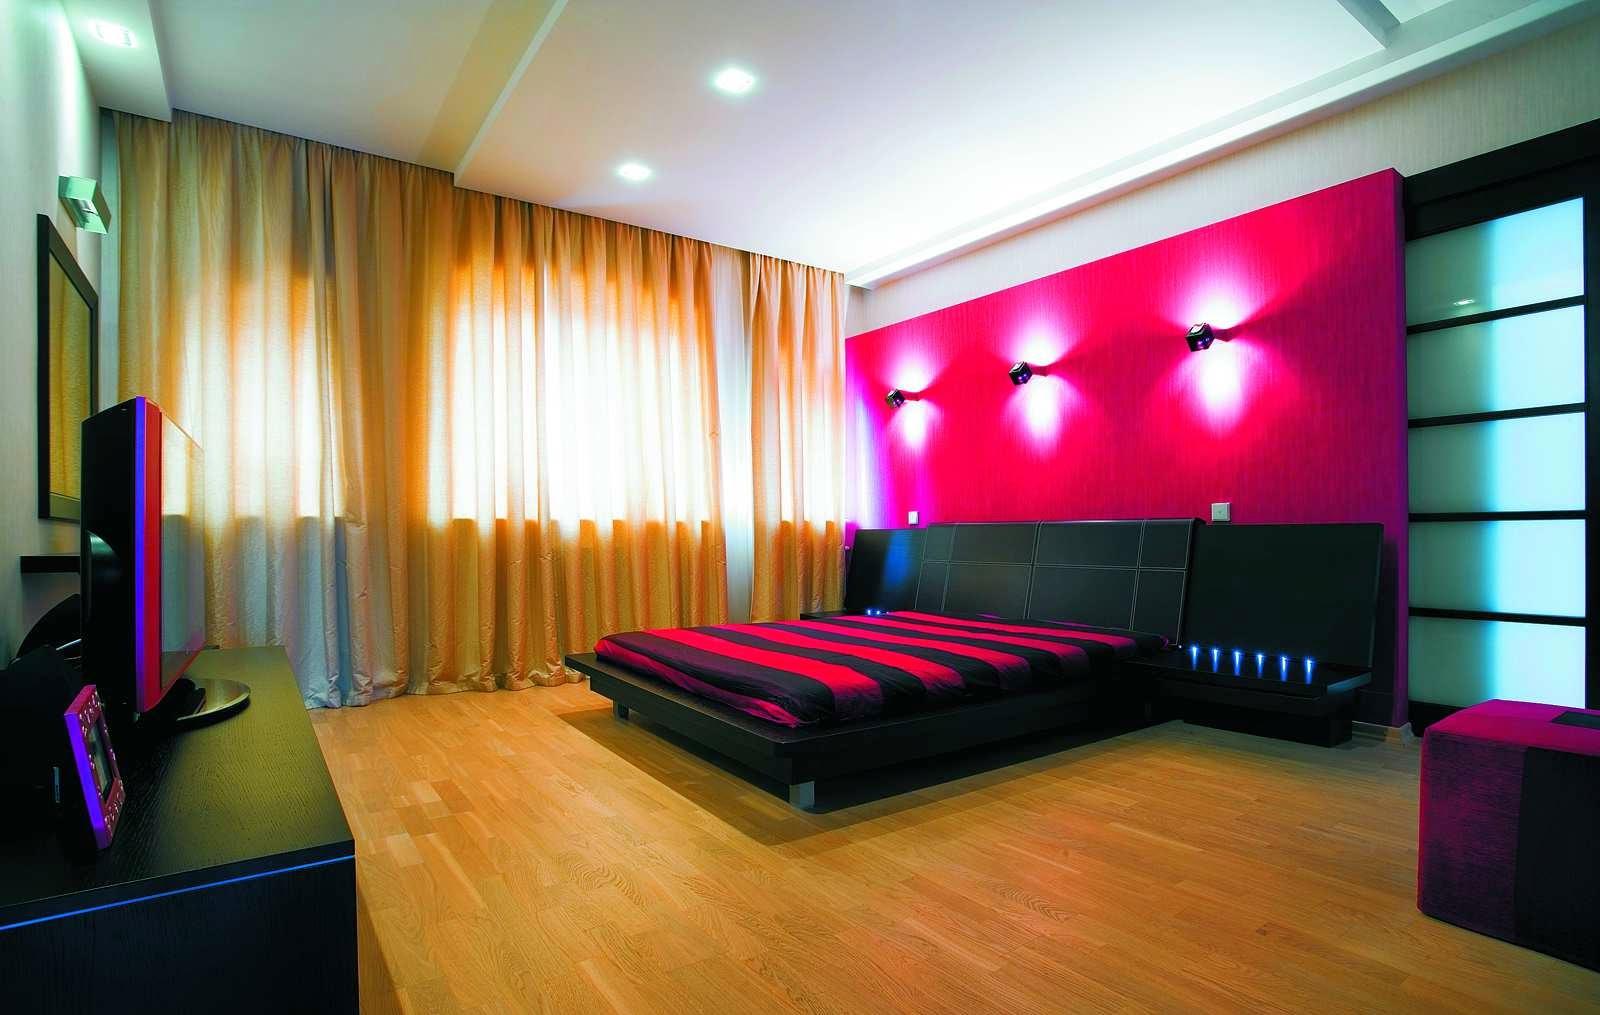 Luxury Bedroom Ideas 2015 HD. Luxury Bedroom Ideas 2015 HD   BestHDwallpapers2